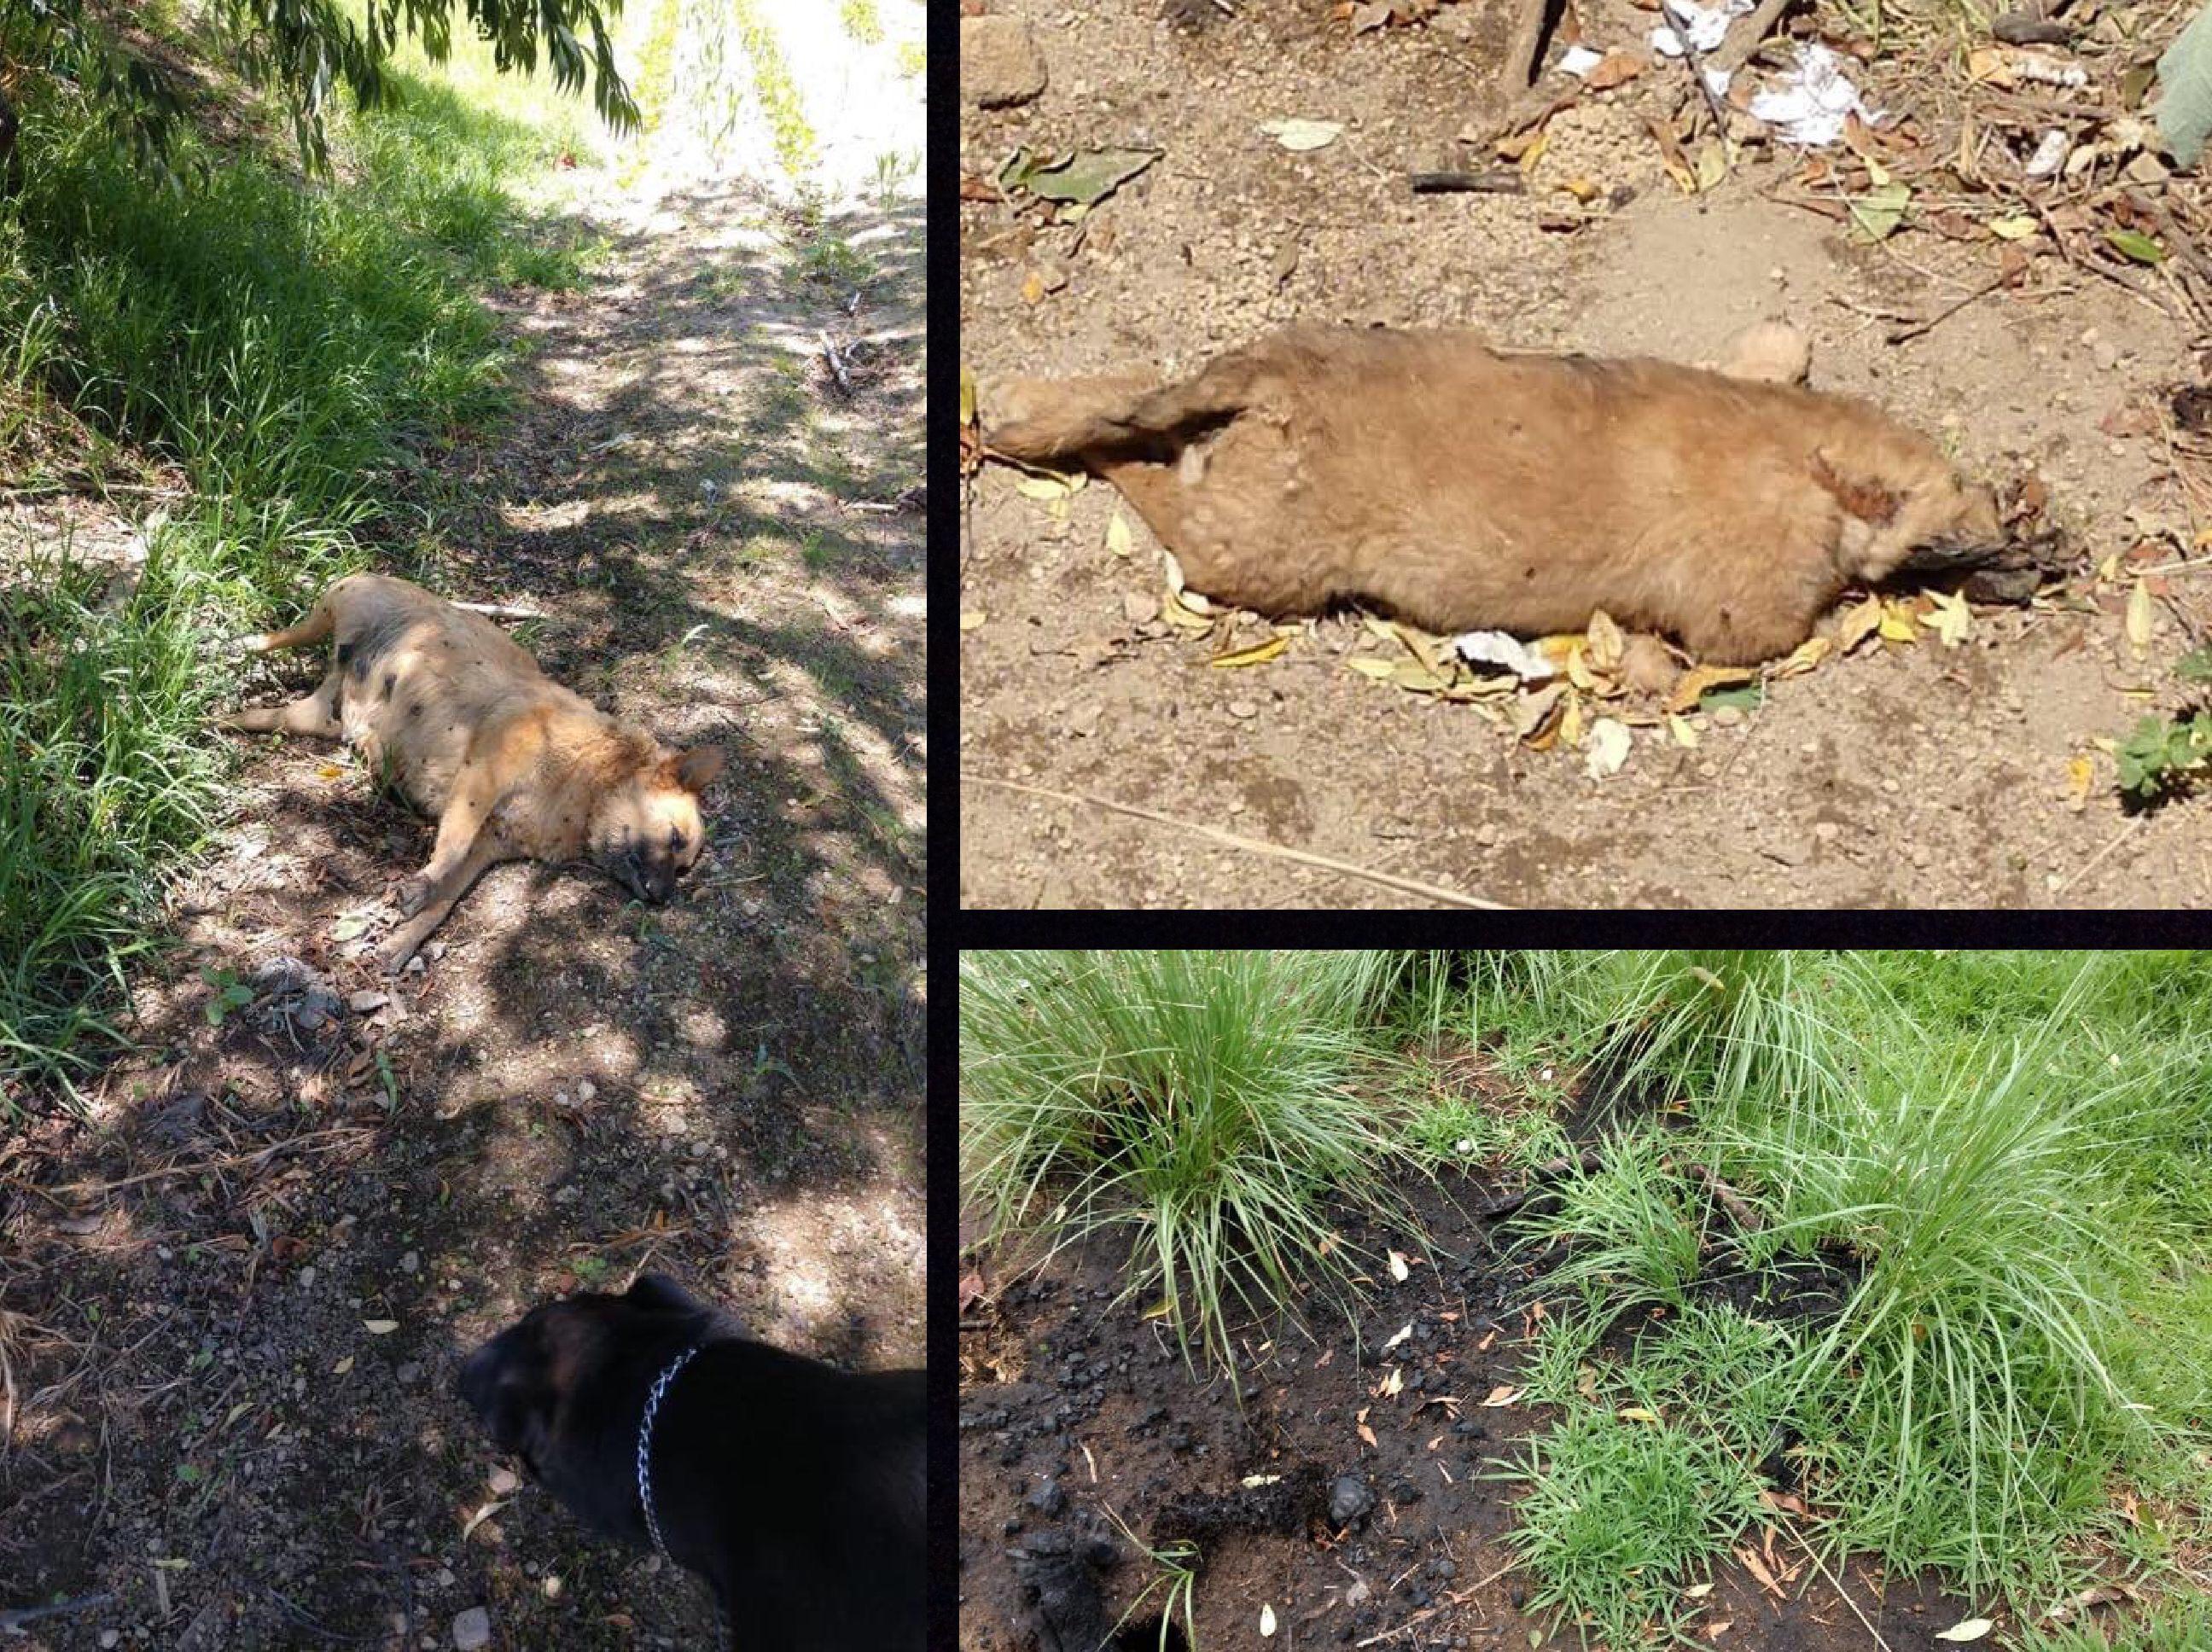 Más crueldad animal en Edoméx, ahora en Metepec